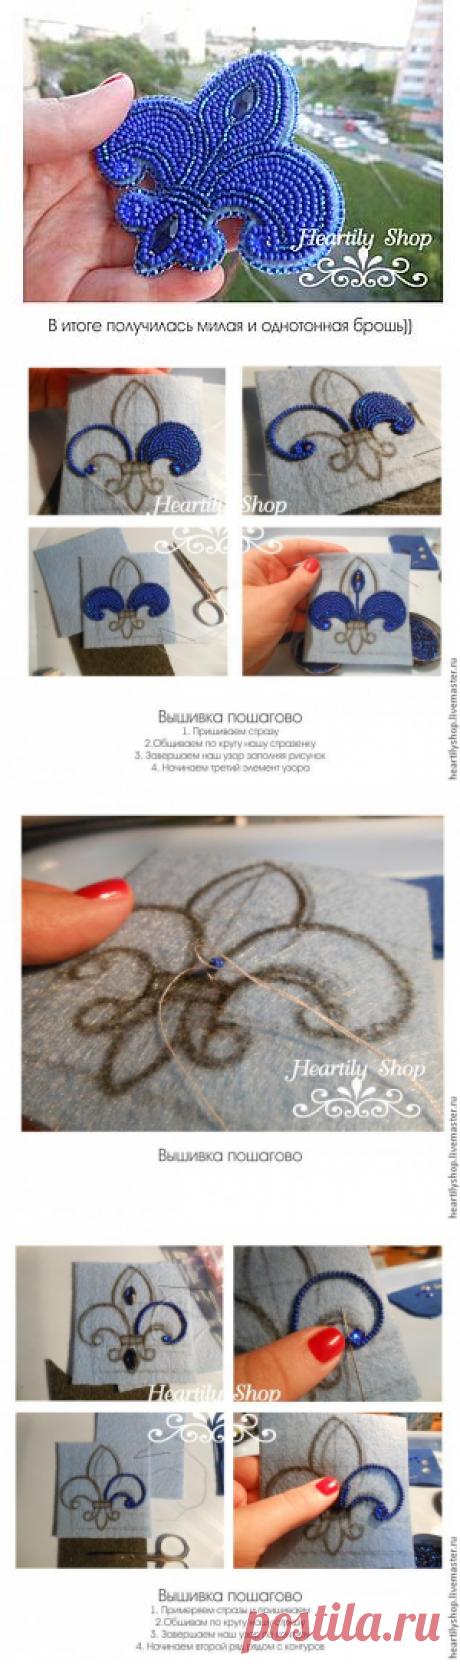 """Мастер-класс: вышивка бисером """"Брошь на любой случай"""" - Ярмарка Мастеров - ручная работа, handmade"""